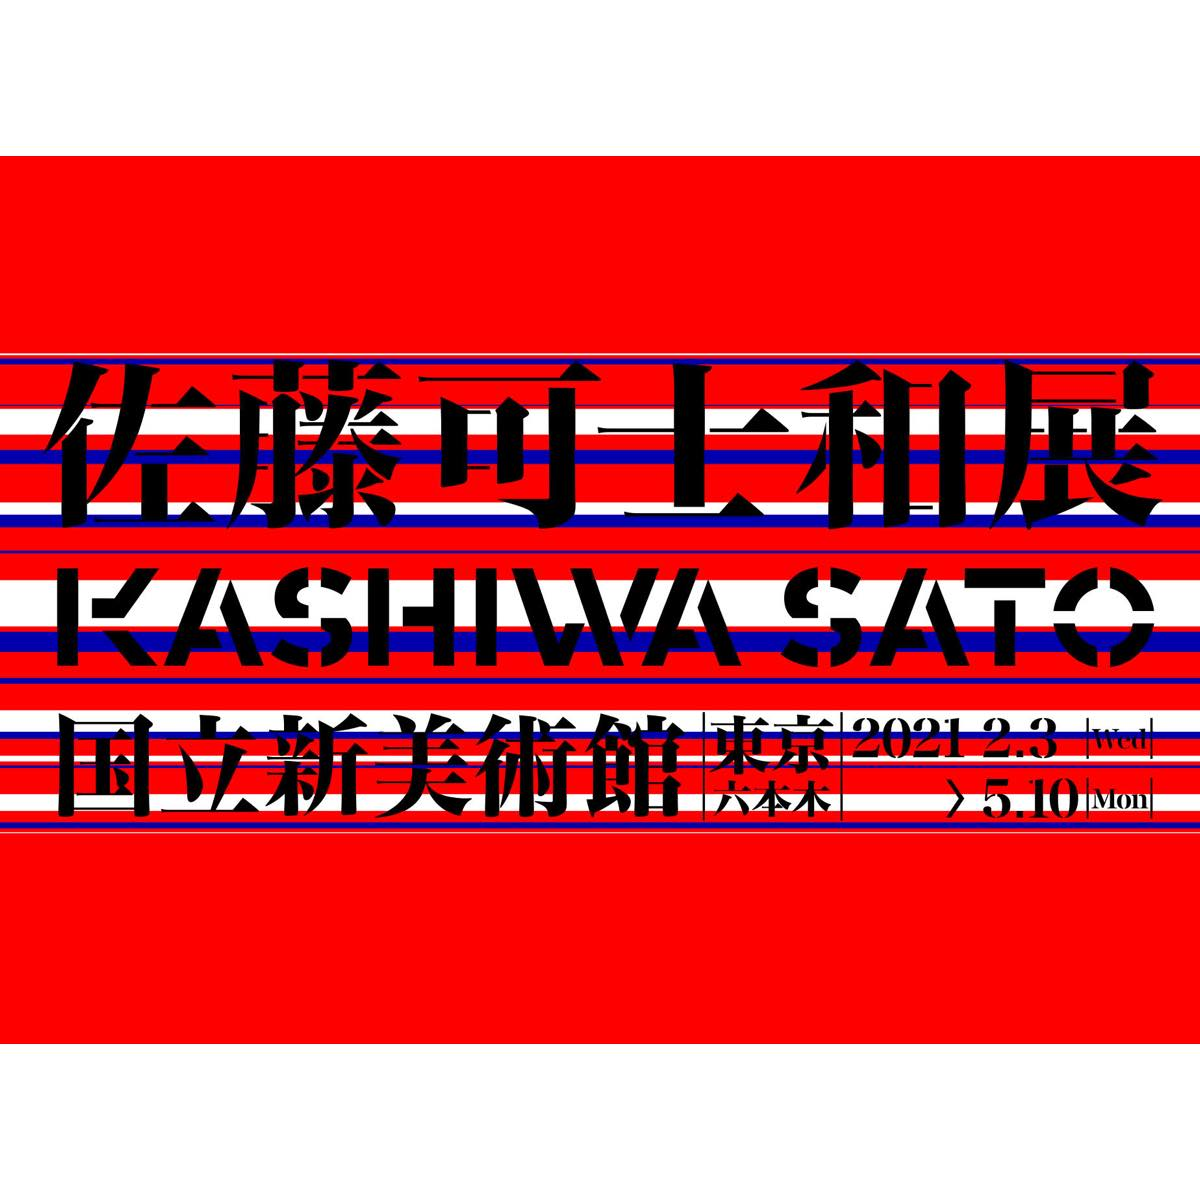 気鋭のクリエイター・佐藤可士和の集大成となる個展が六本木で開催